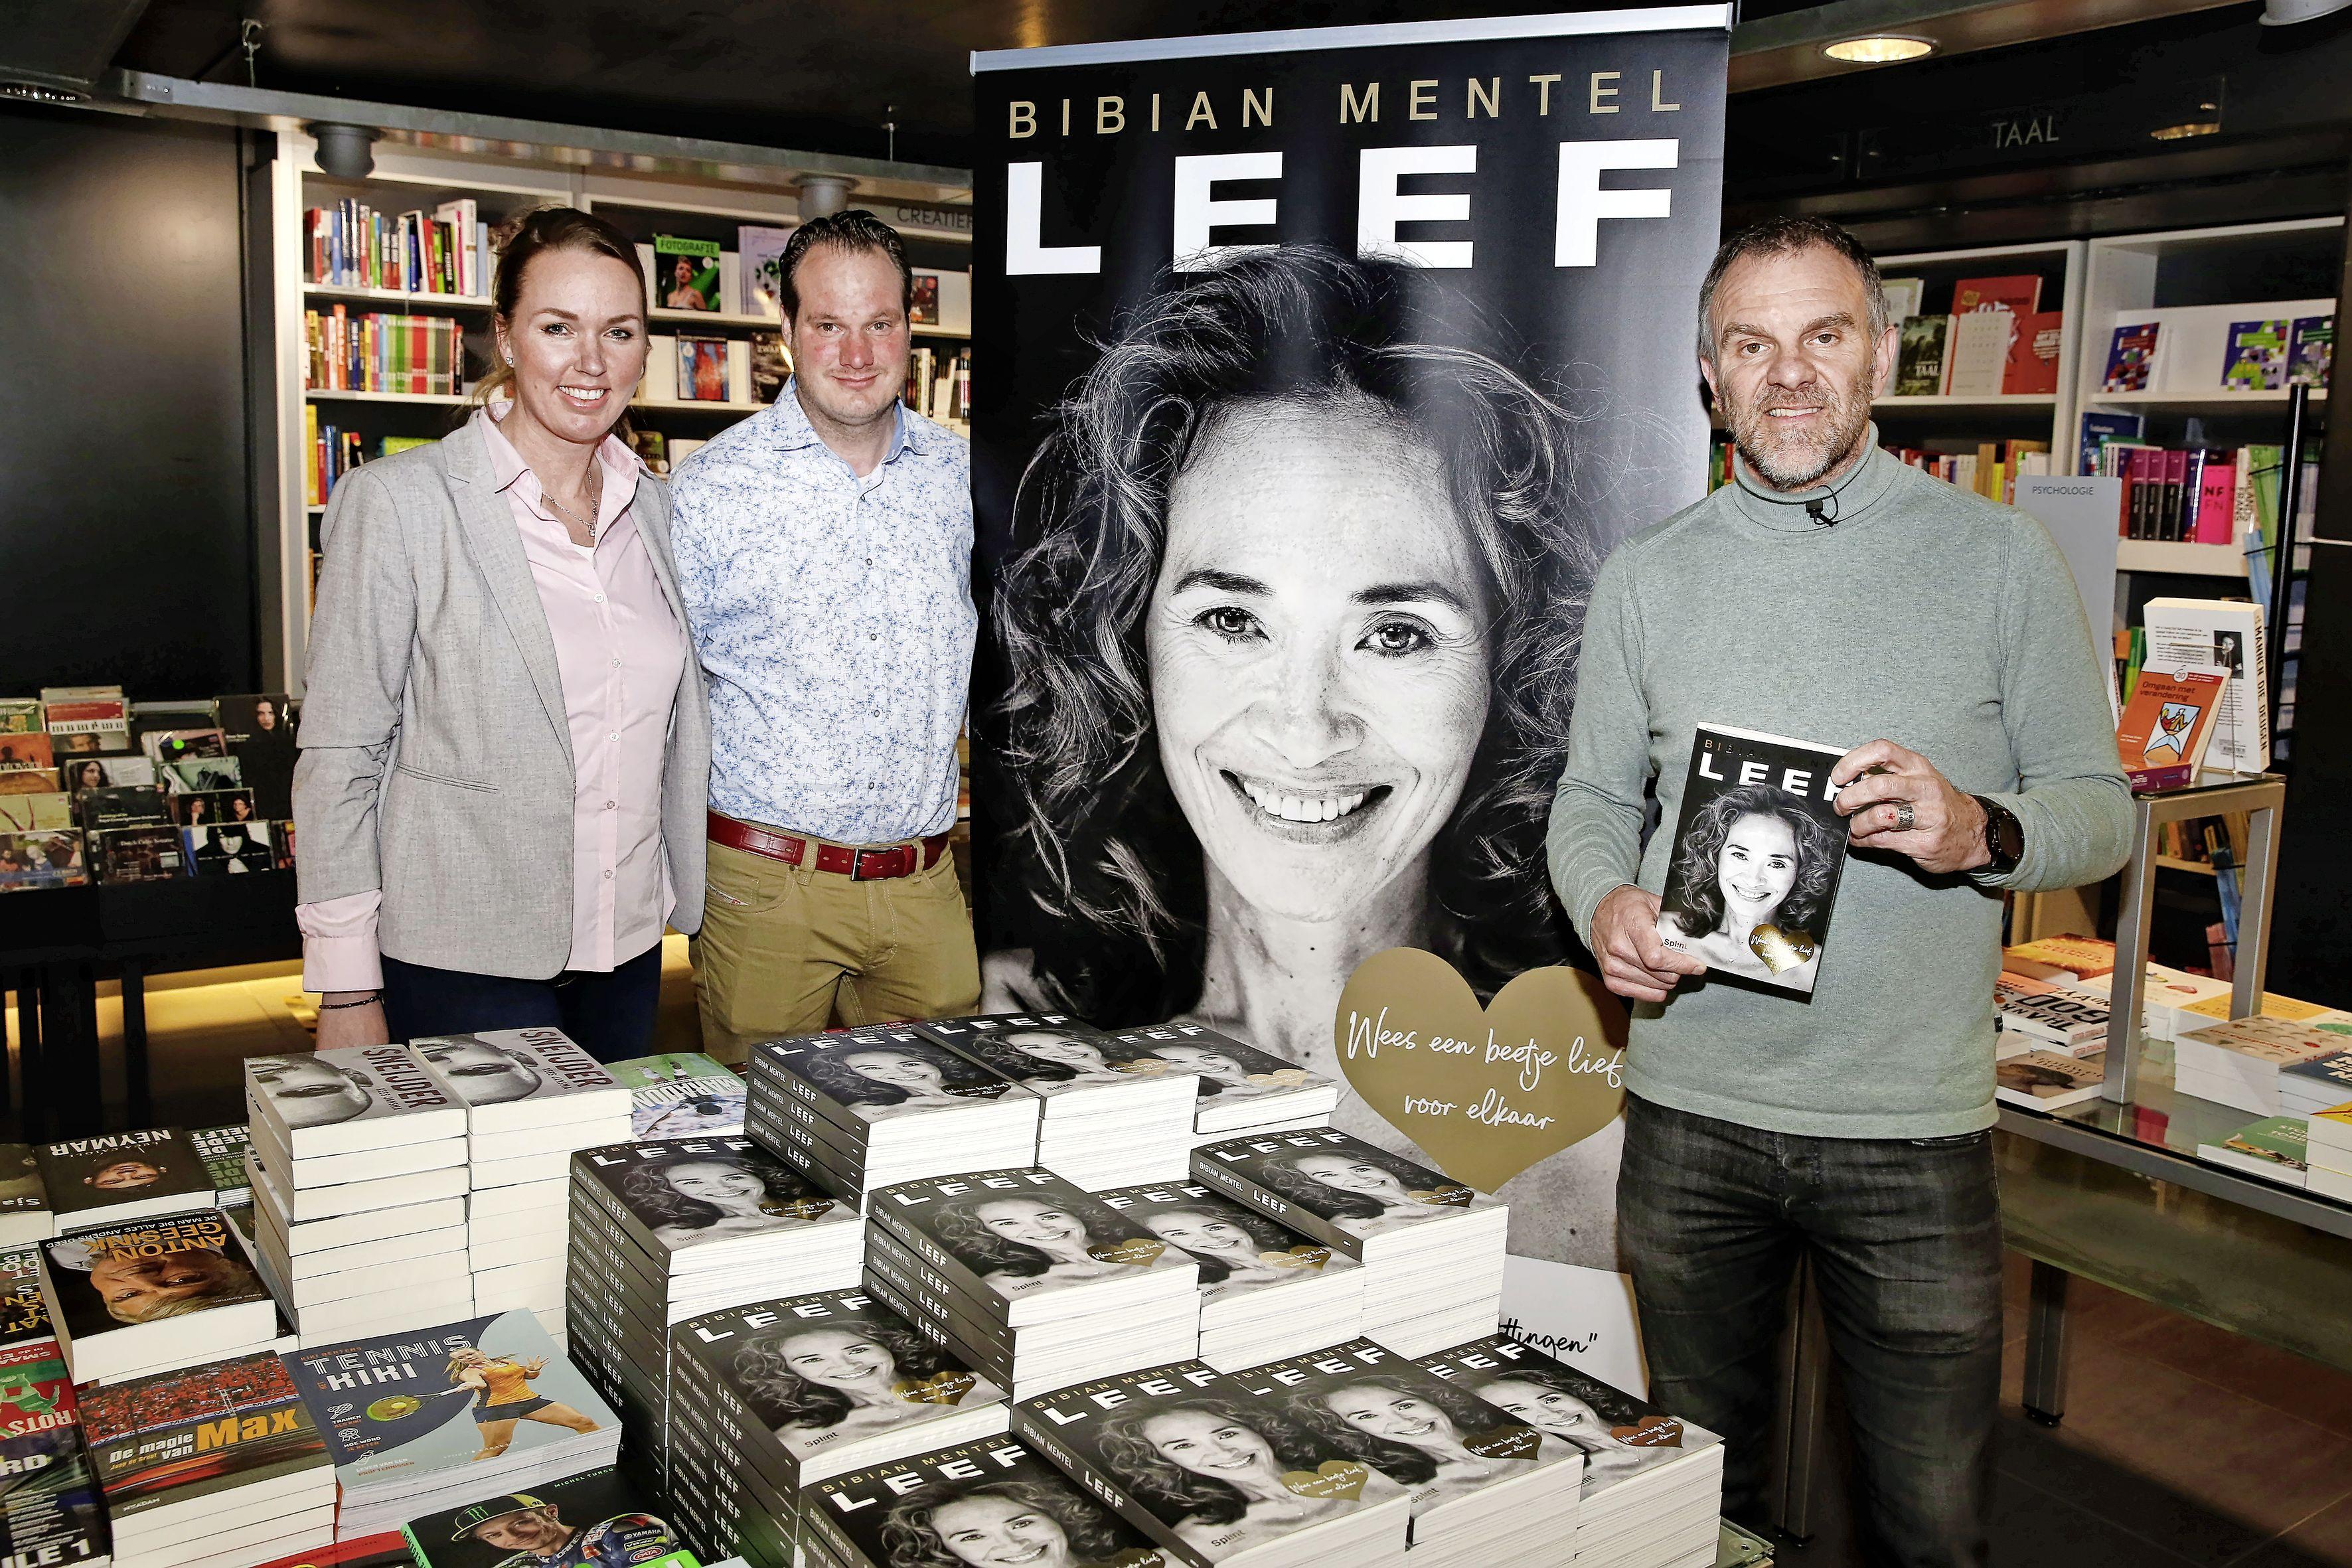 Bibian Mentel werkte nog tot haar dood aan haar boek 'Leef'. Edwin Spee krijgt bij boekhandel Voorhoeve in Hilversum eerste exemplaar. 'Ze had er graag nog bij willen zijn'